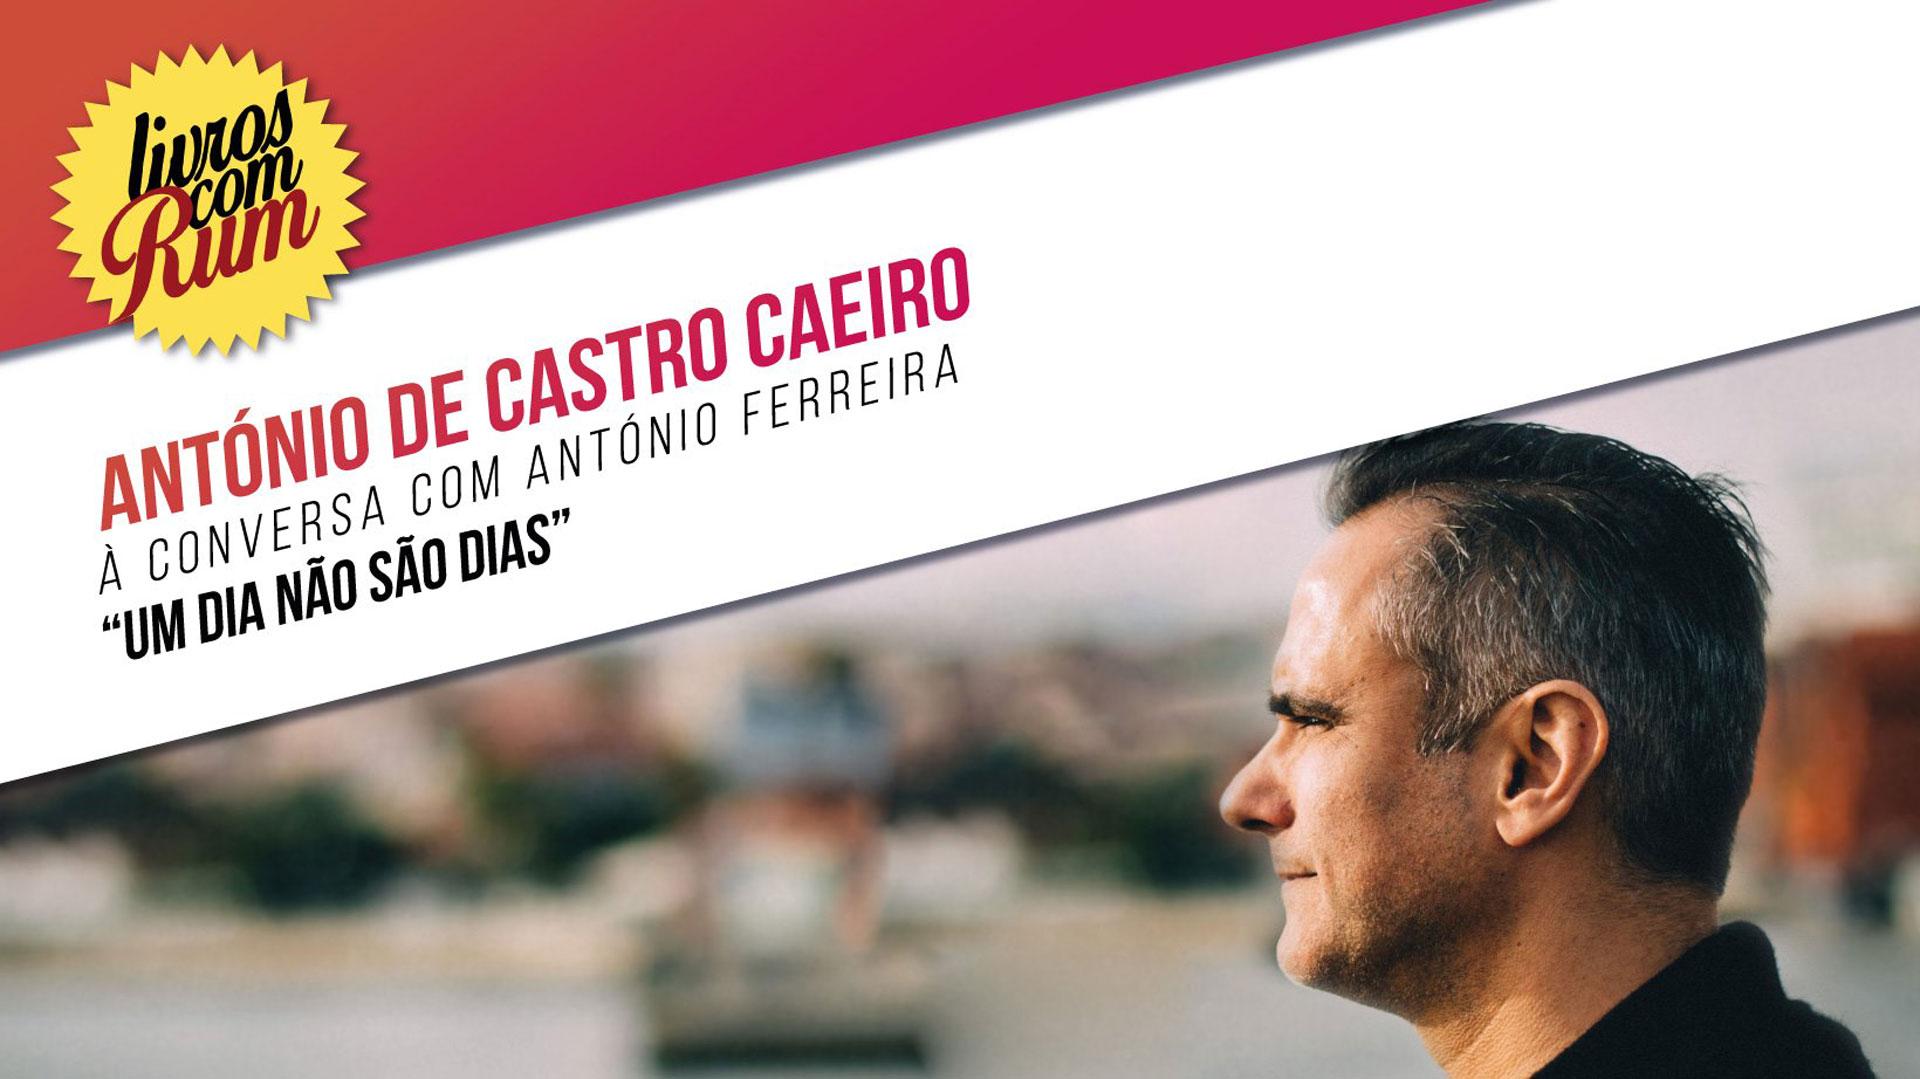 Livros com RUM conta com a presença de António de Castro Caeiro - ComUM